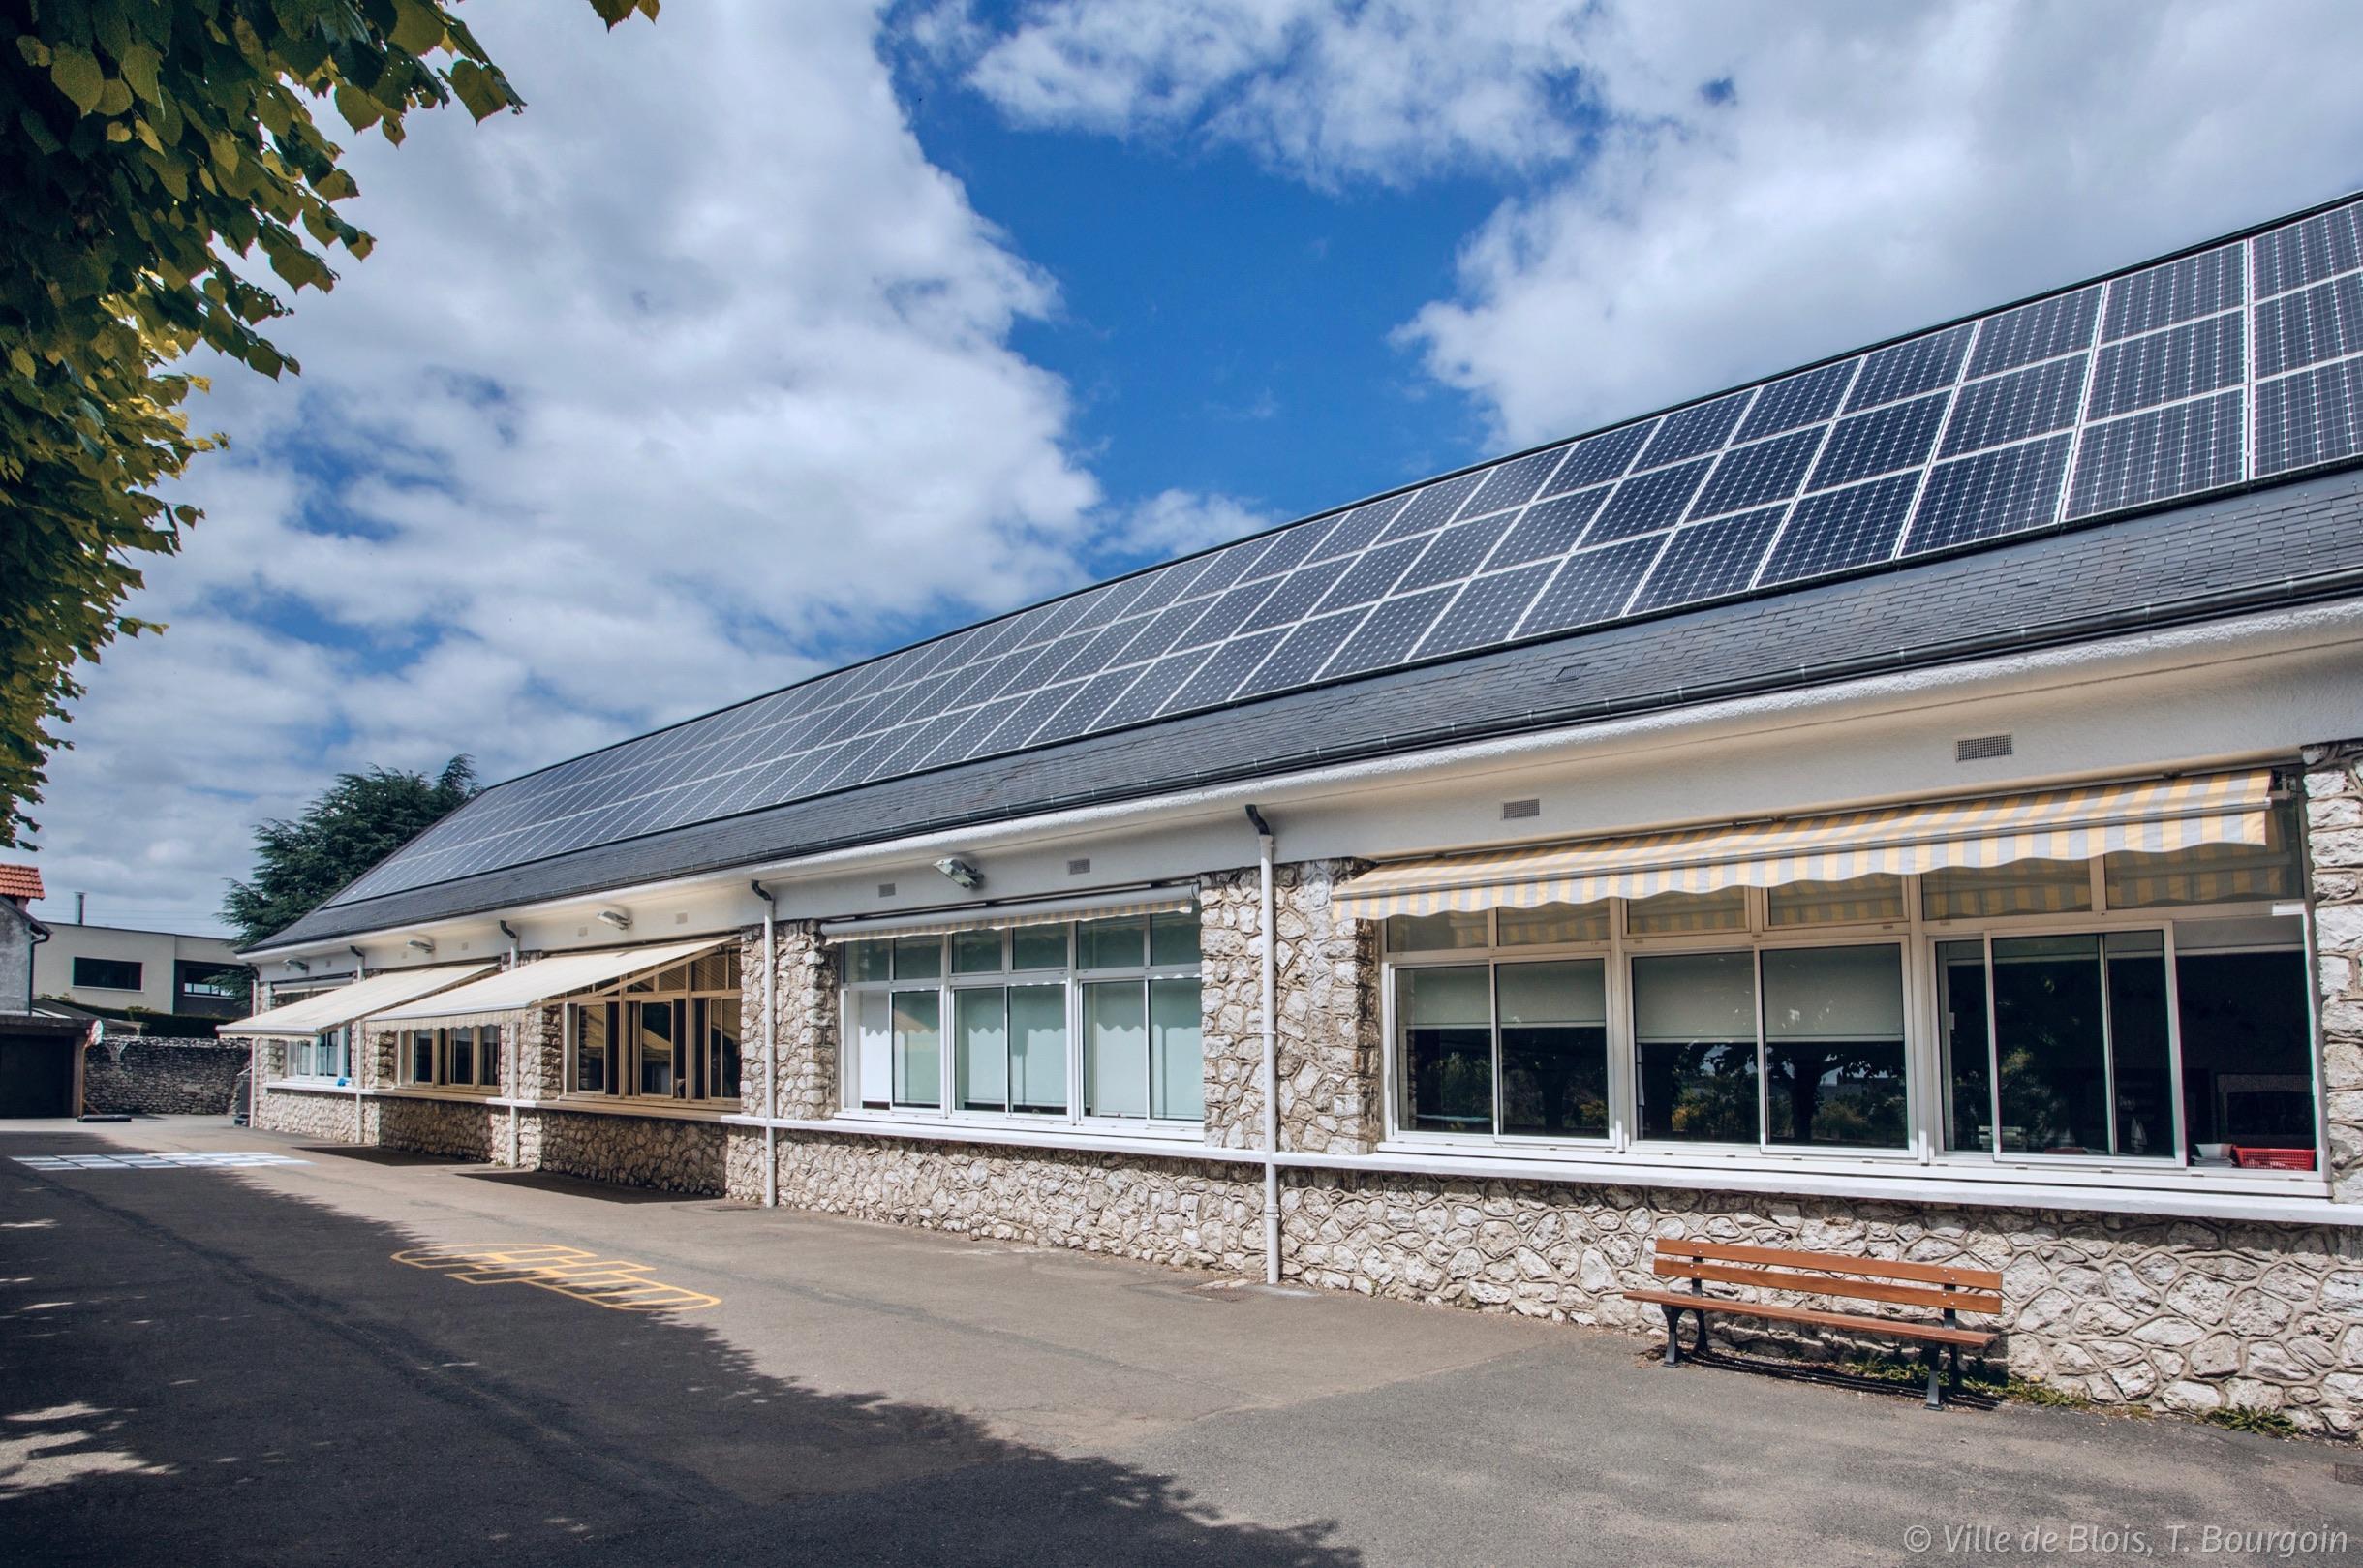 Cour de l'école Raphaël-Perié, avec des panneaux solaires sur le toit du bâtiment.